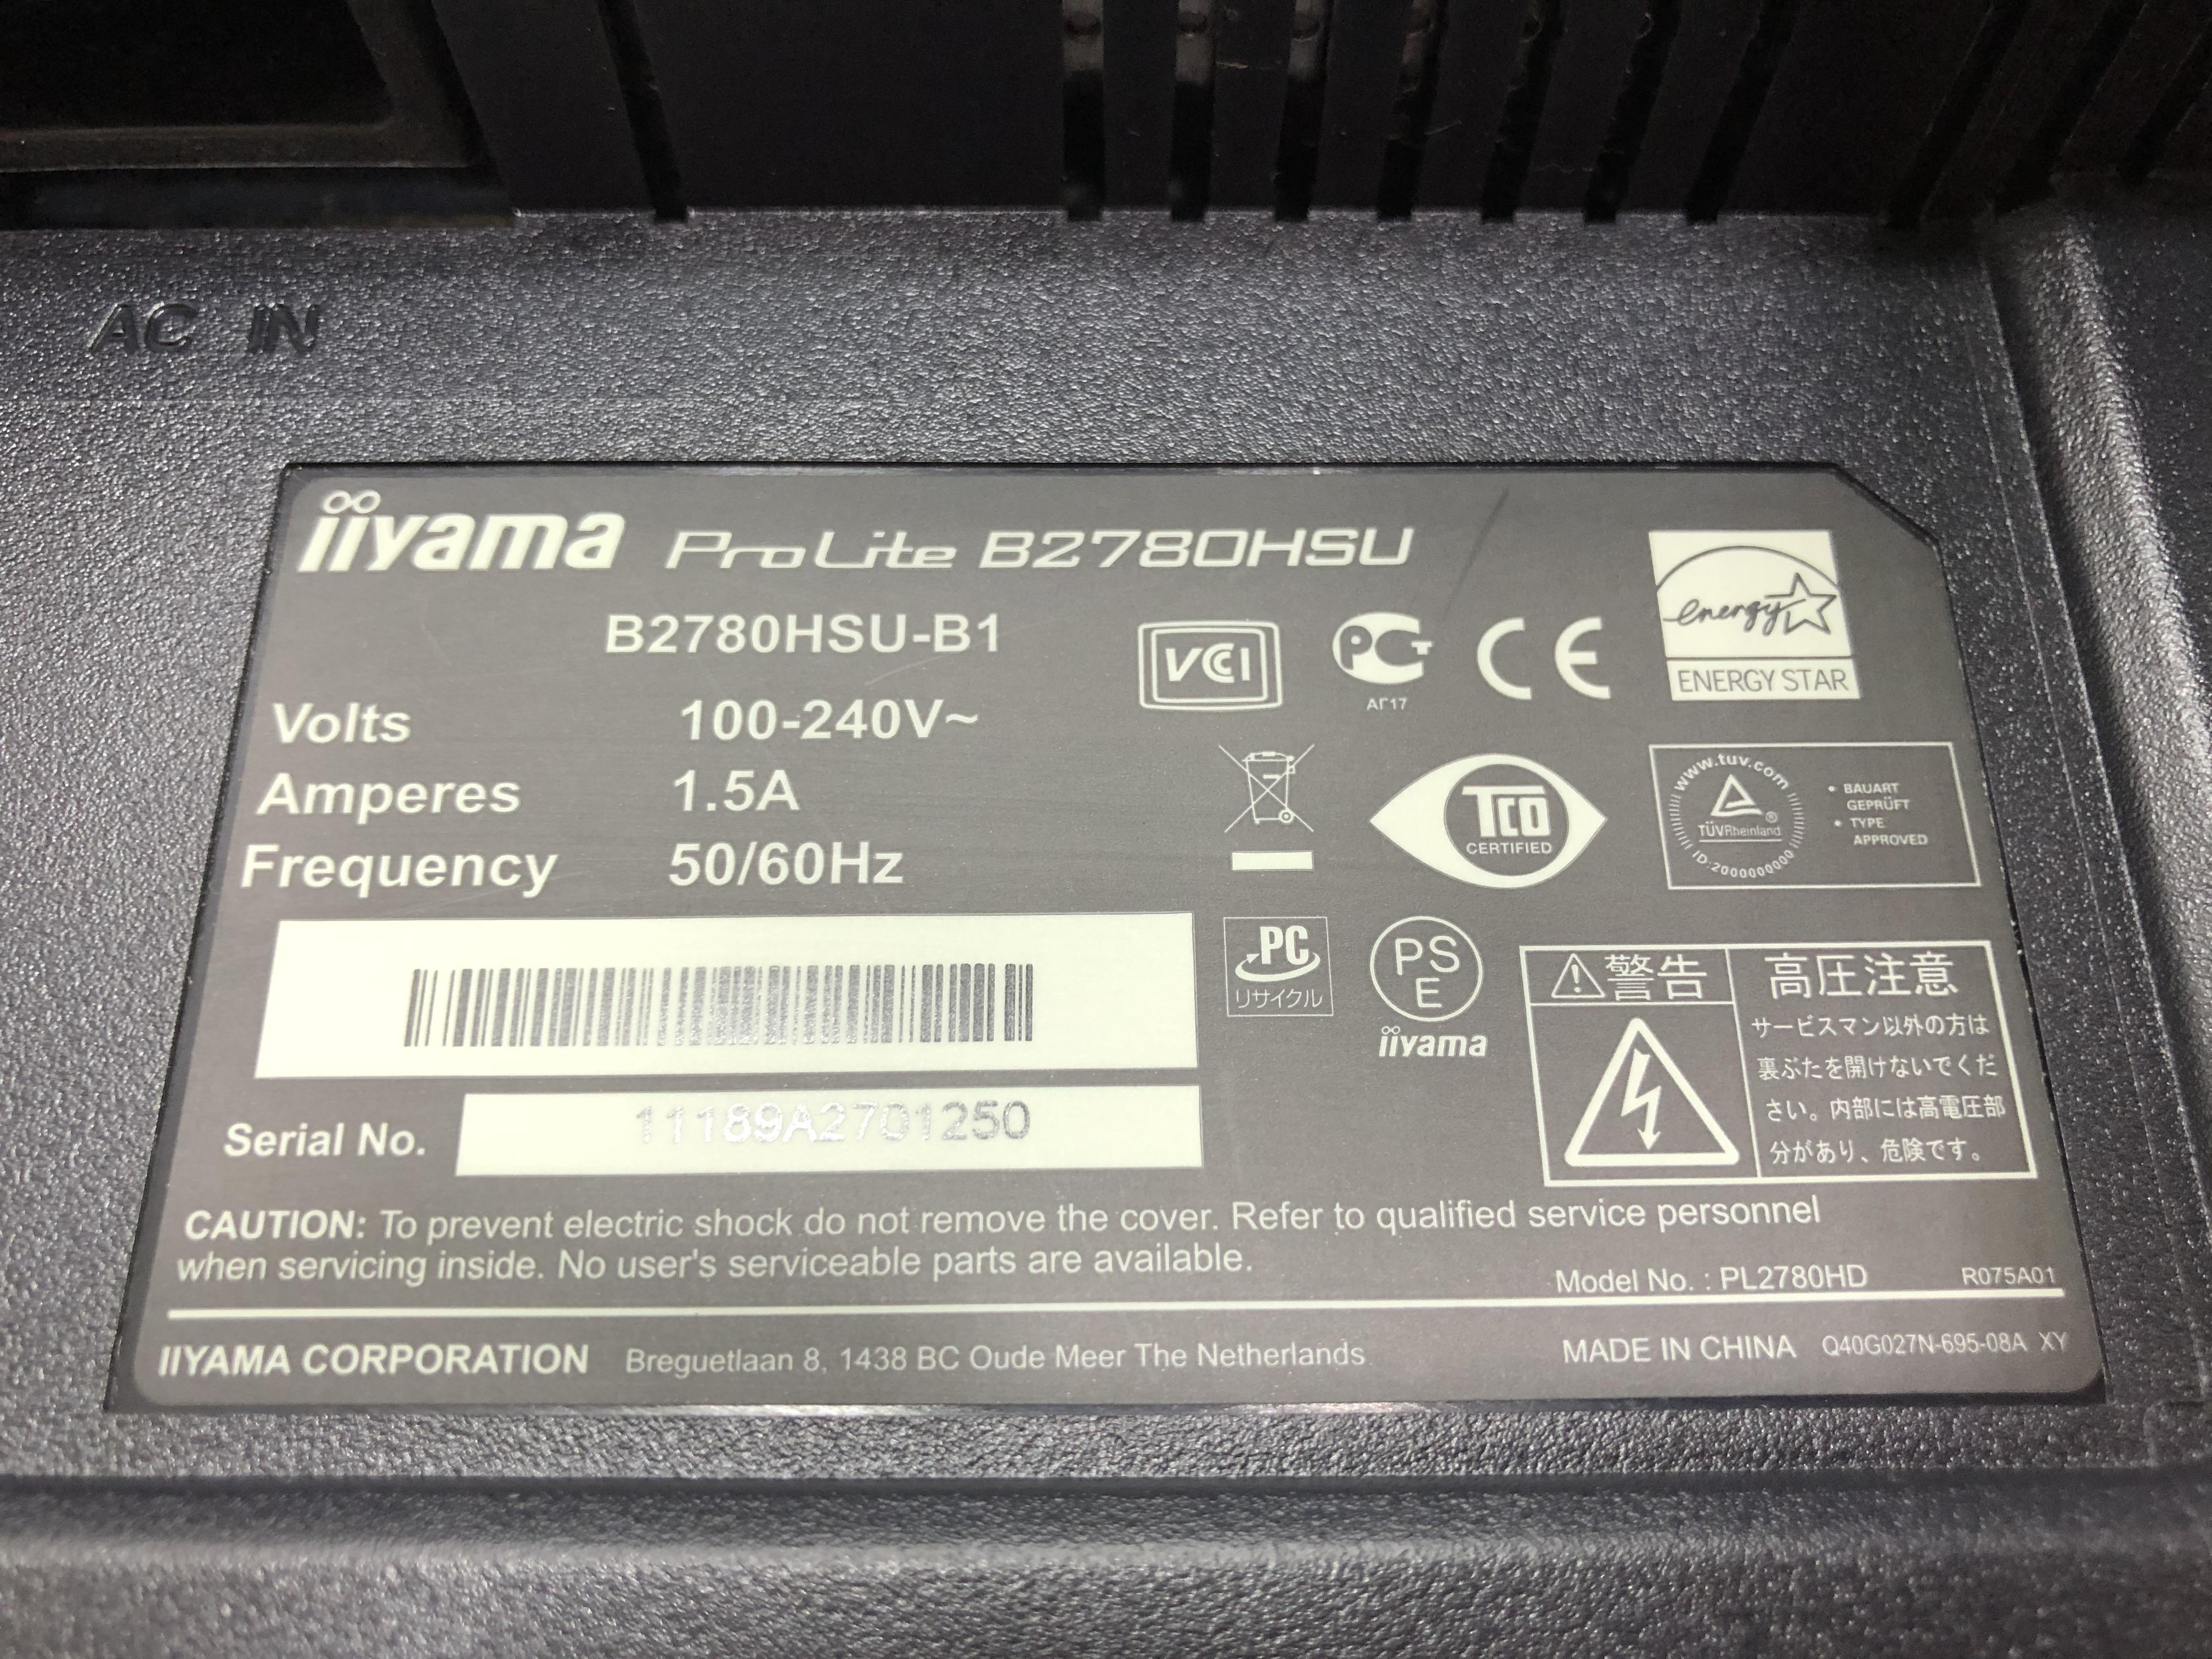 Iiyama Prolite B2780HSU No 6